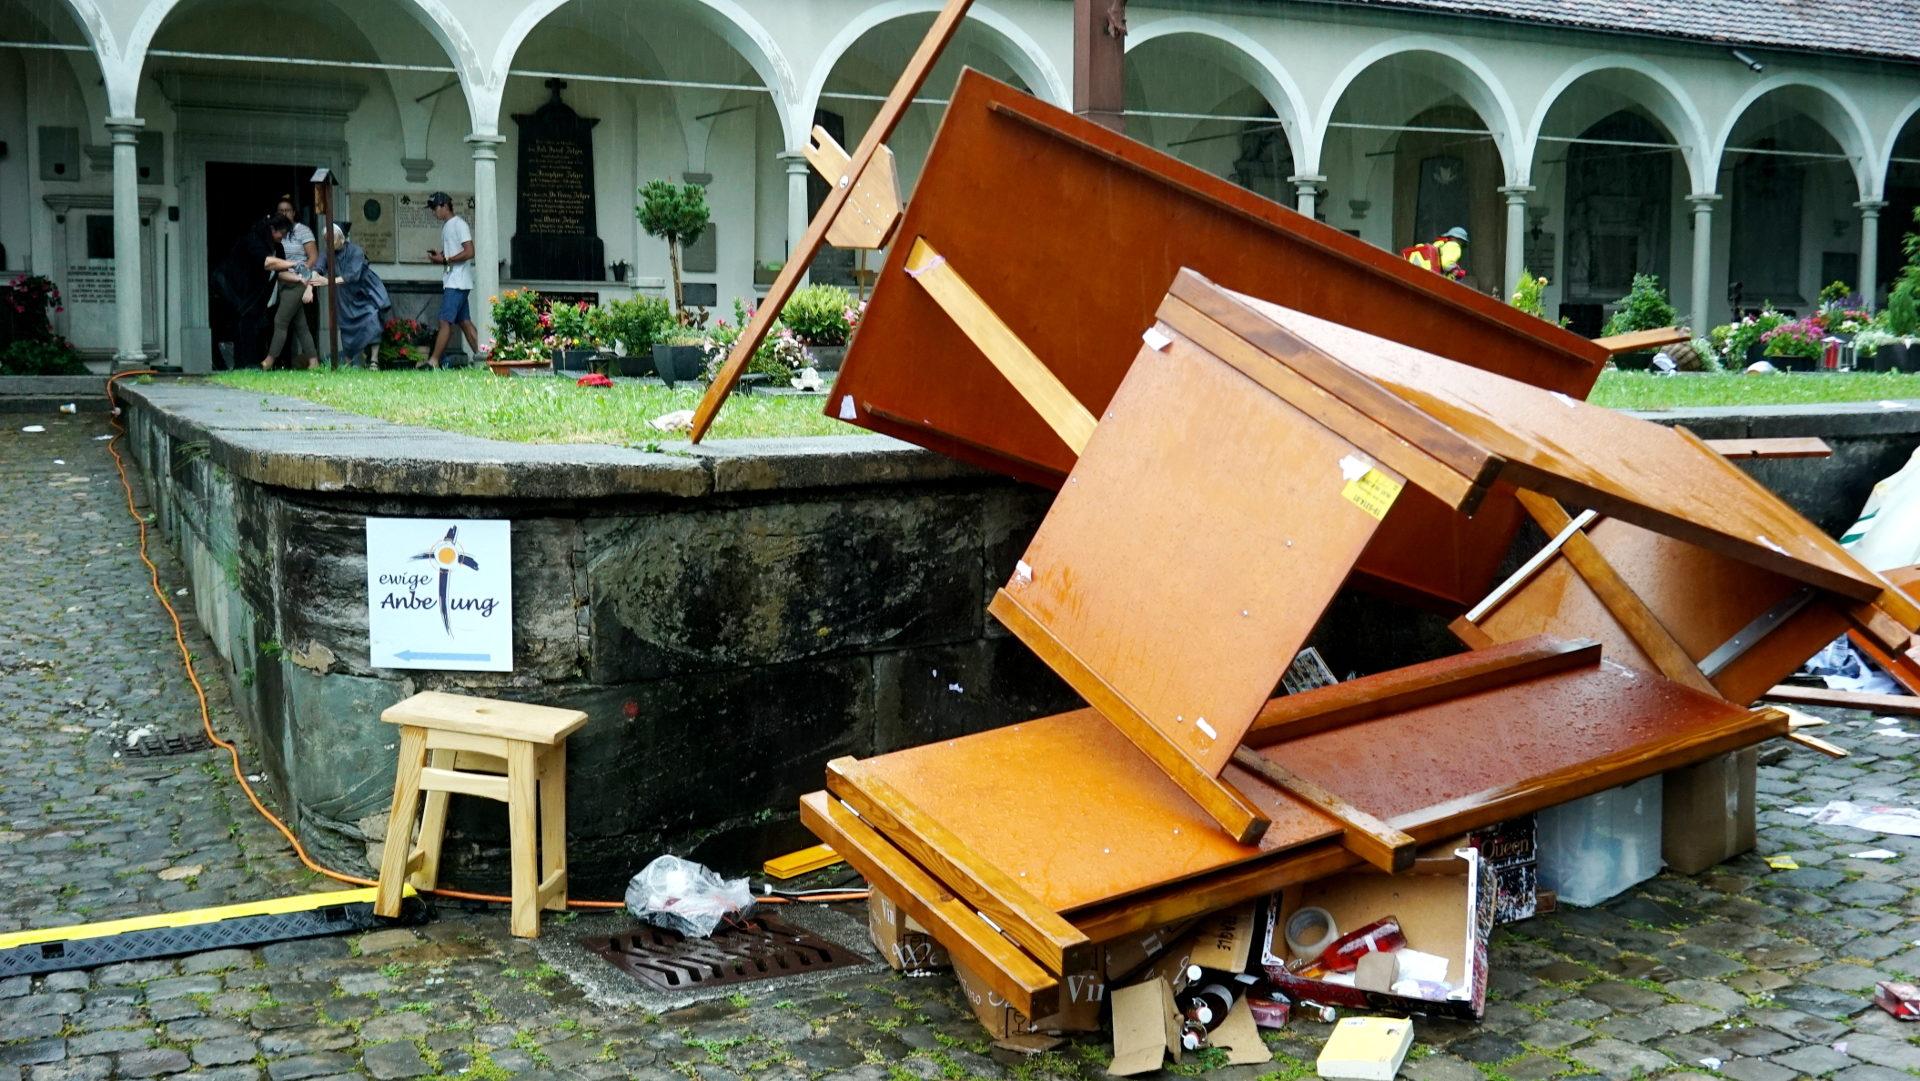 Das WJT-Gelände bei der Luzerner Hofkirche nach dem Sturm | © Vera Rüttimann